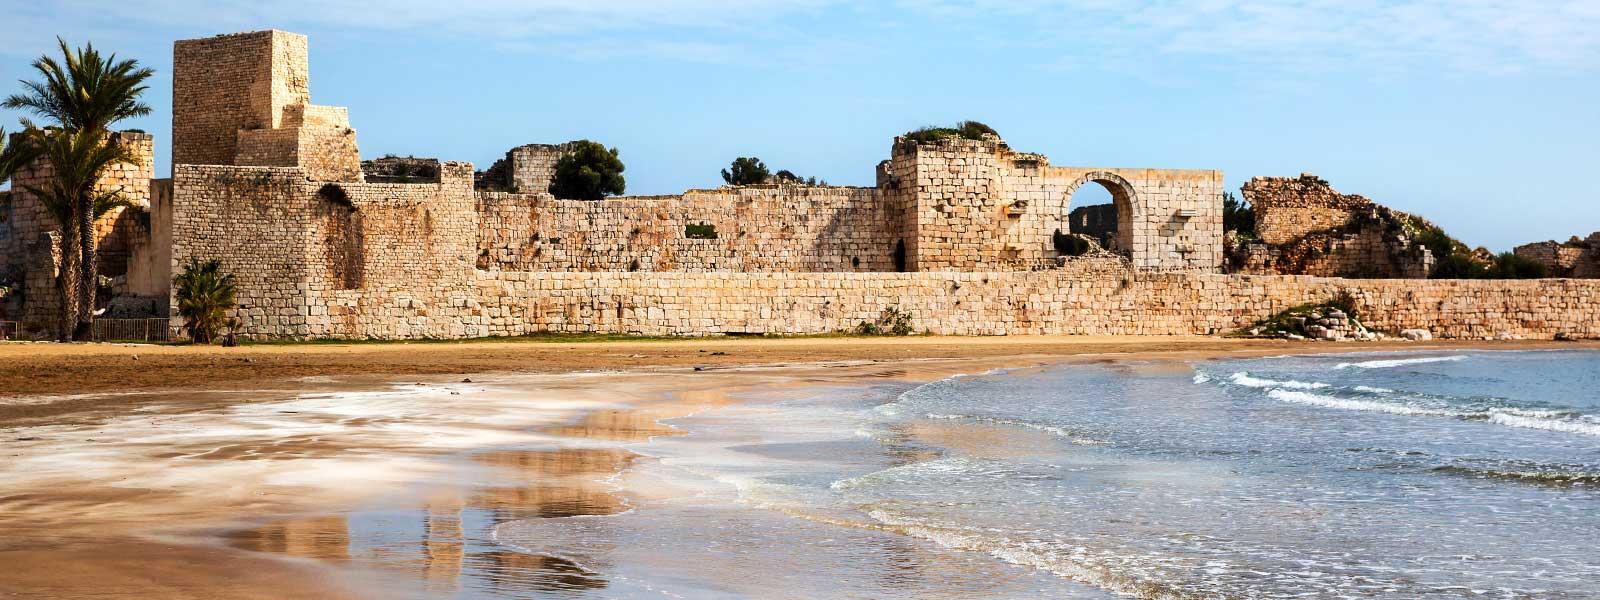 Corycus Castle Mersin